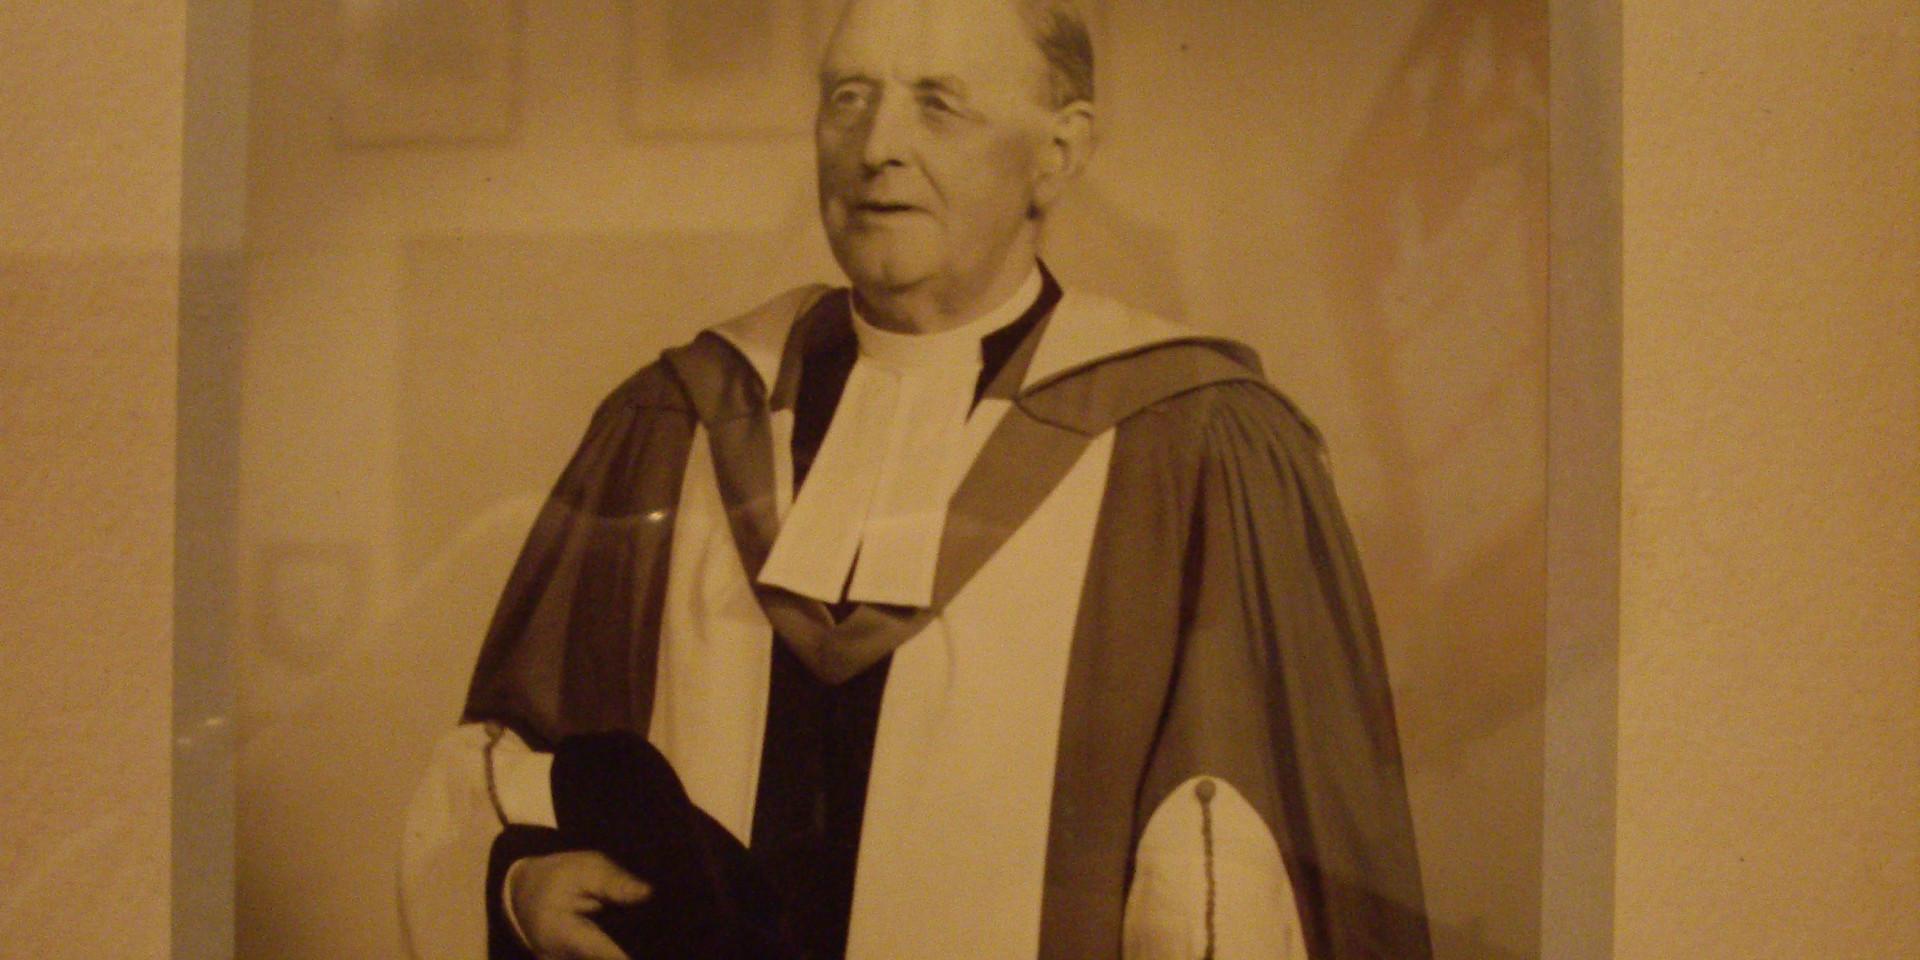 Rev. Dr. Alexander MacKinnon 1918 - 1925